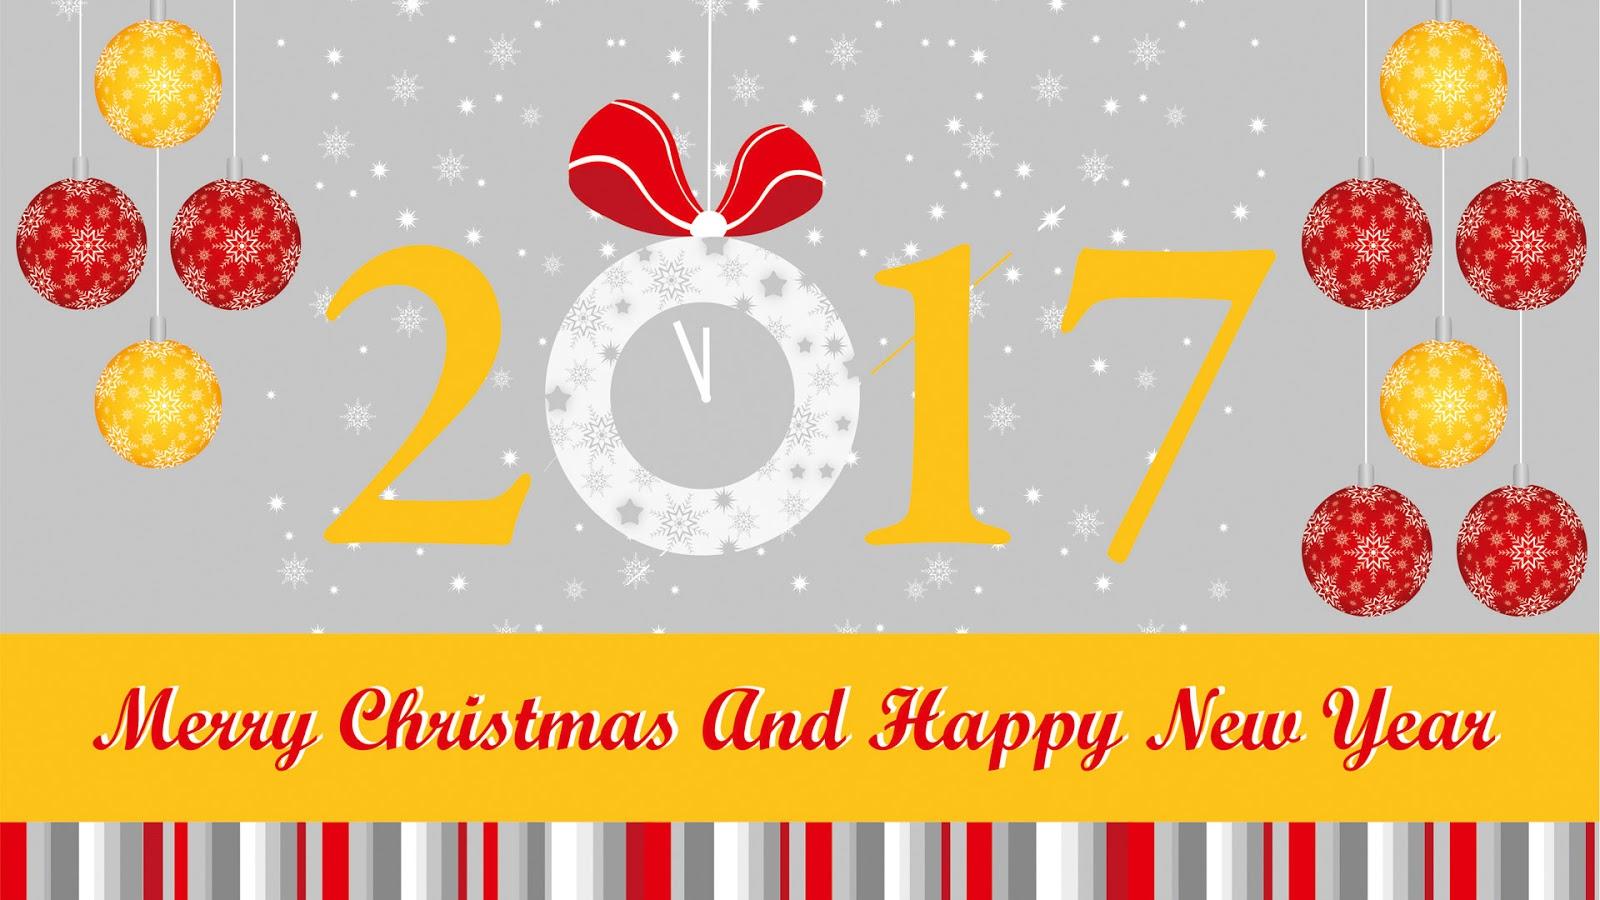 Hình nền tết 2017 đẹp chào đón năm mới - hình 11